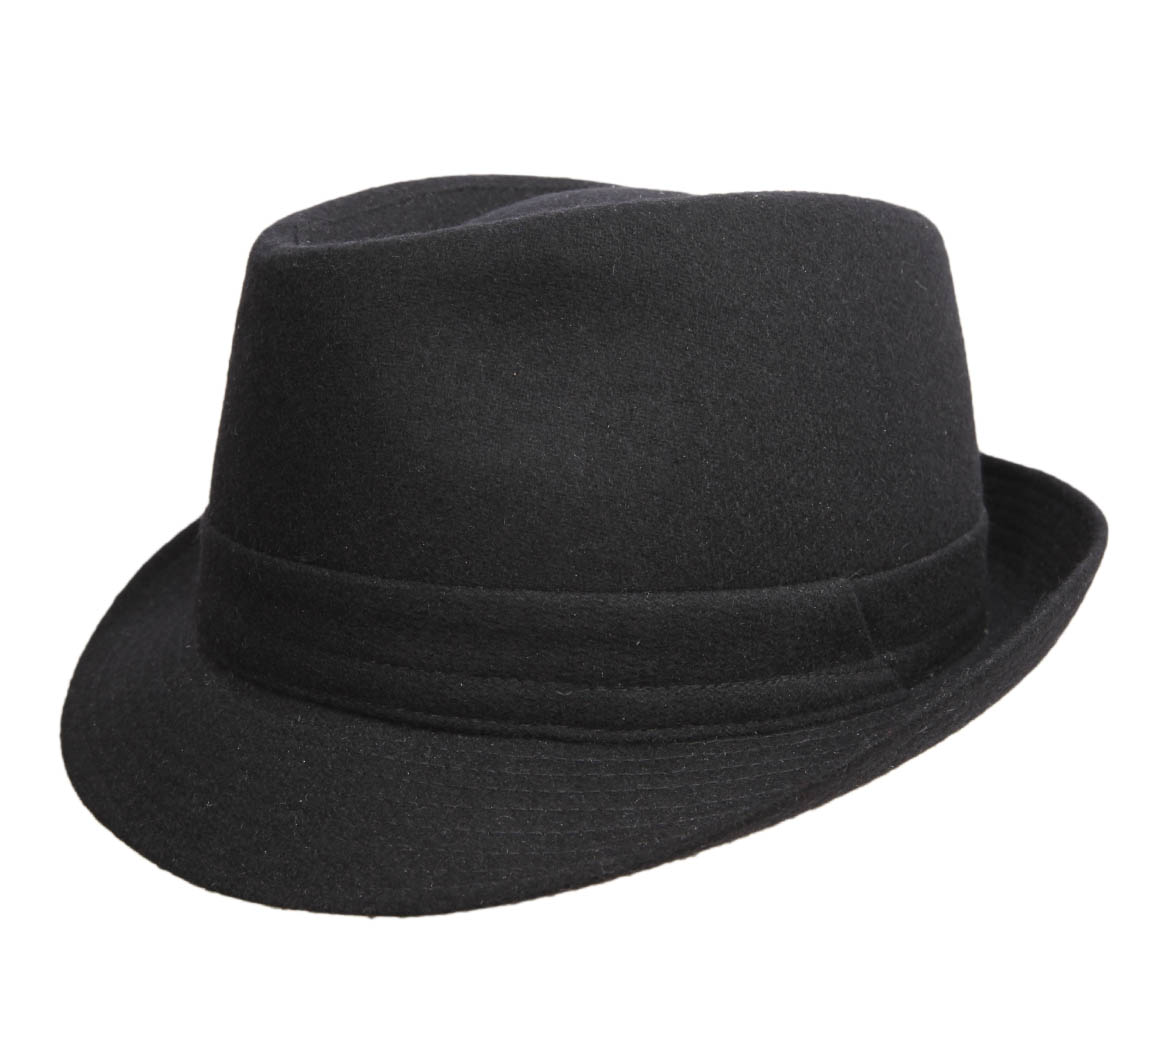 chapeau homme pas cher. Black Bedroom Furniture Sets. Home Design Ideas